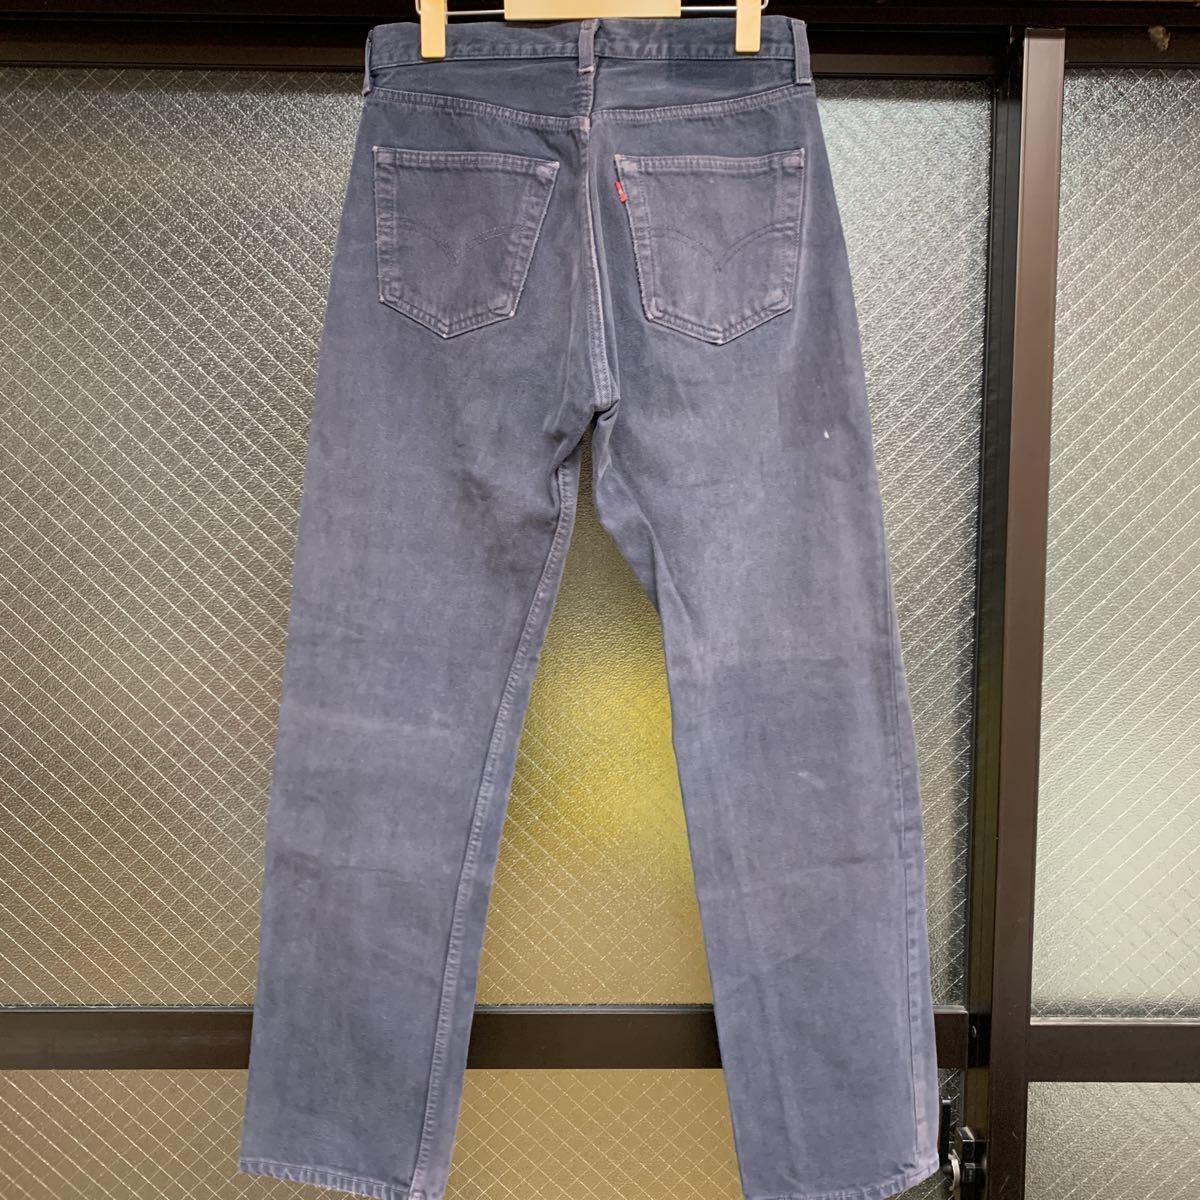 リーバイス アメリカ製 501 MADE IN USA ジーンズ デニム カラー w31インチ メンズ パンツ Levis パープル 紫_画像1